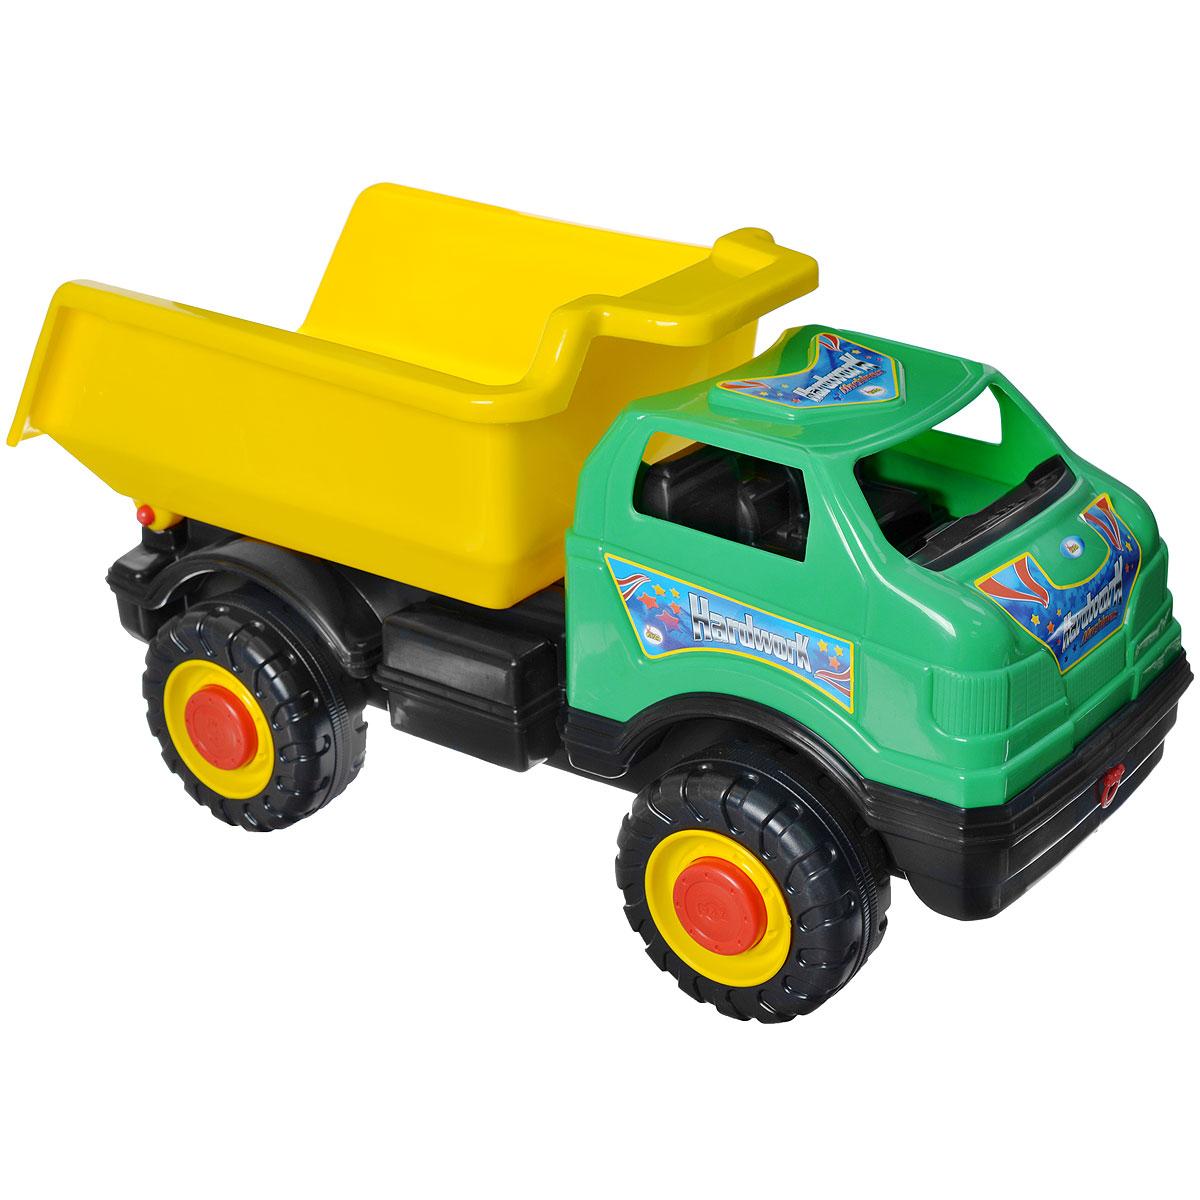 AVC Супергрузовик цвет желтый зеленый01/5151Игрушка AVC Супергрузовик отлично подойдет ребенку для различных игр. Это большая машинка, которая предназначена для самых маленьких - в конструкции отсутствуют острые элементы, способные травмировать малыша. Вместительный кузов машинки поднимается и опускается. В кабину без стекол можно посадить одну или несколько игрушек. Большие пластиковые колеса с крупным протектором обеспечивают машинке устойчивость и хорошую проходимость. Игрушка является оптимальным вариантом для перевозки различных грузов (камушки, палочки, песок, игрушки и т.д.). Грузовик выполнен из прочного пластика, который позволяет выдерживать большие нагрузки. Ваш юный строитель сможет прекрасно провести время дома или на улице, подвозя к месту игрушечной стройки необходимые предметы на этом ярком грузовике.